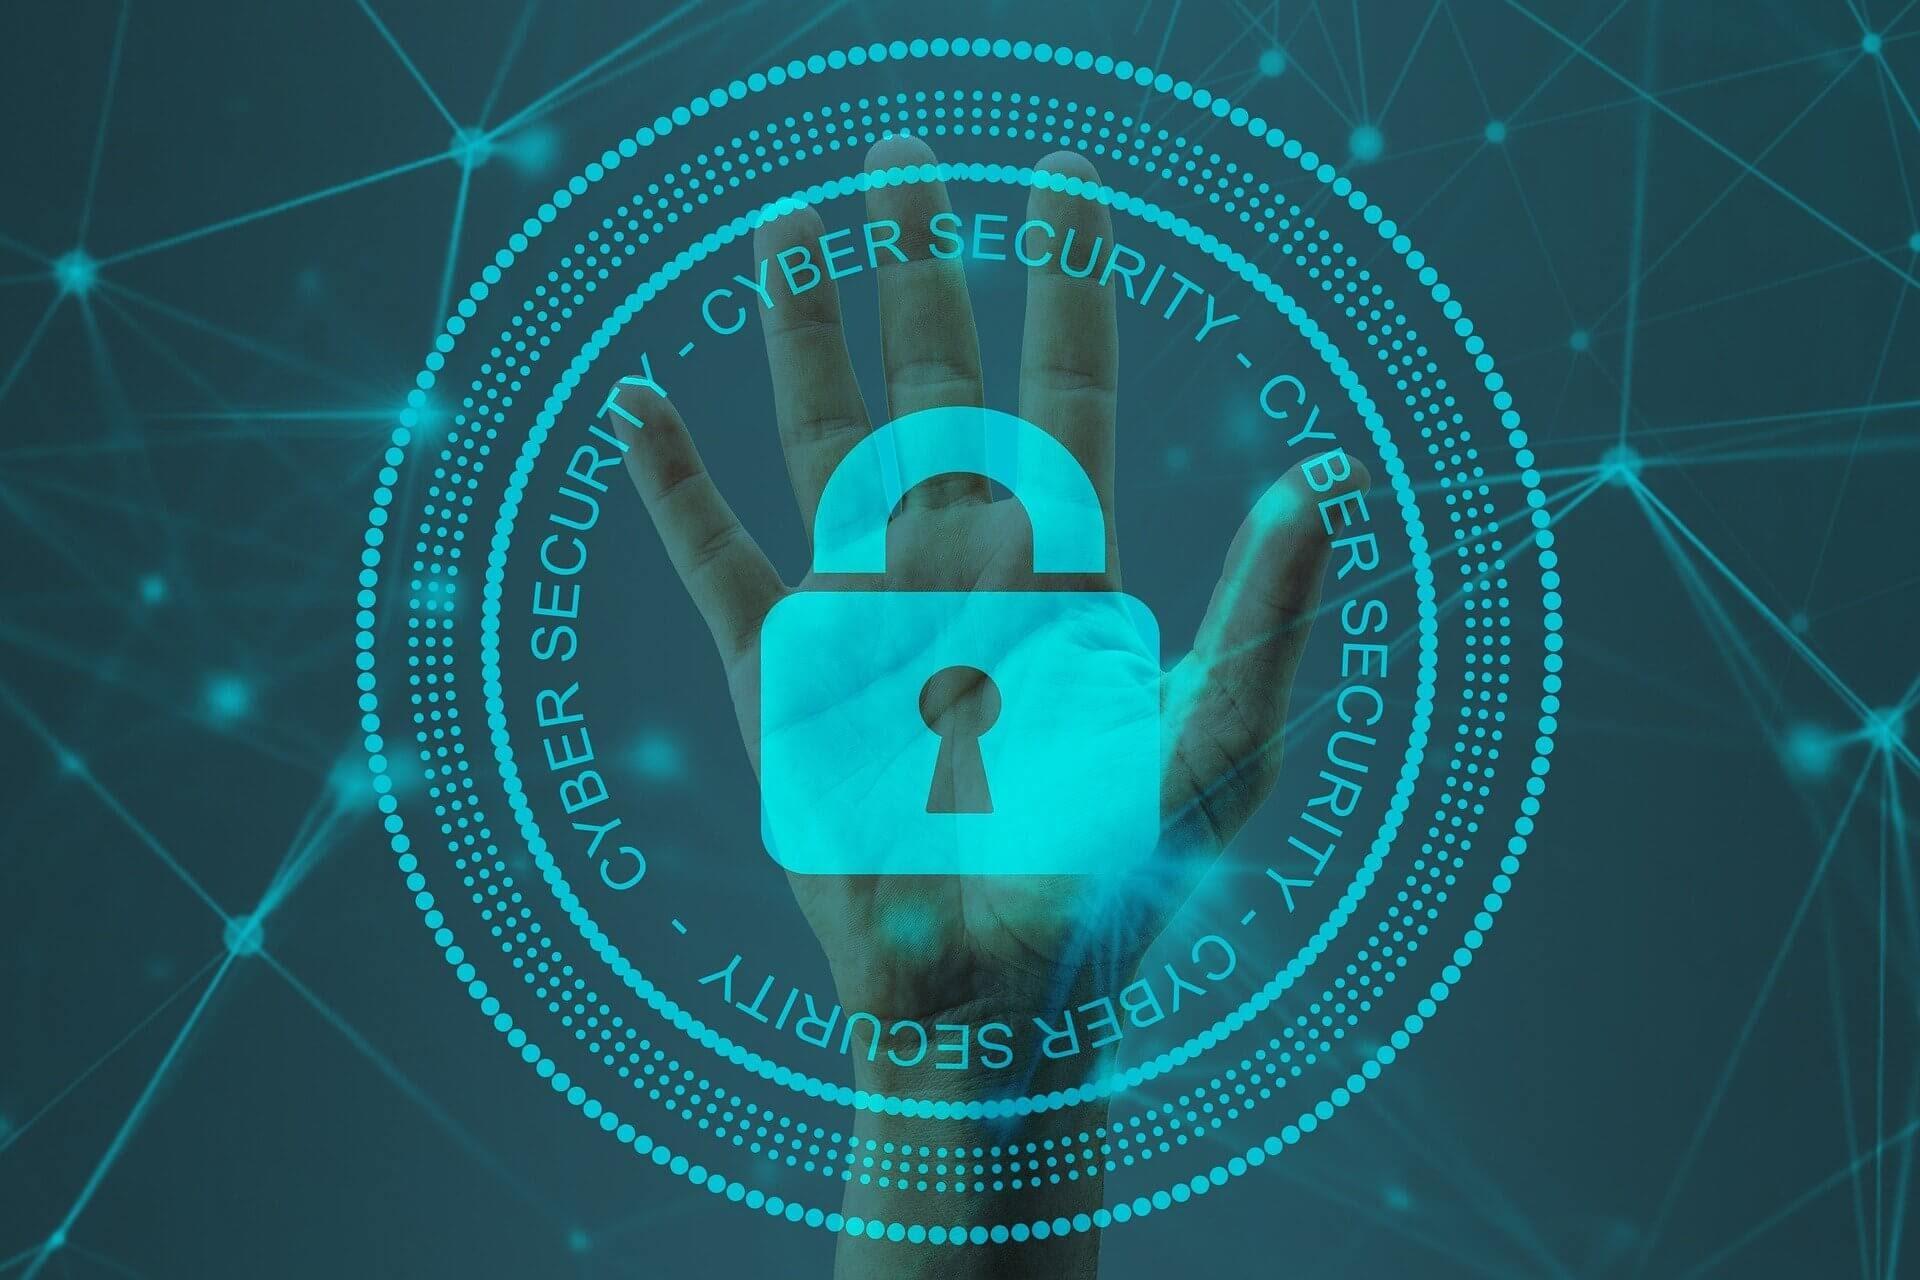 Fiche métier - Les métiers de la sécurité informatique